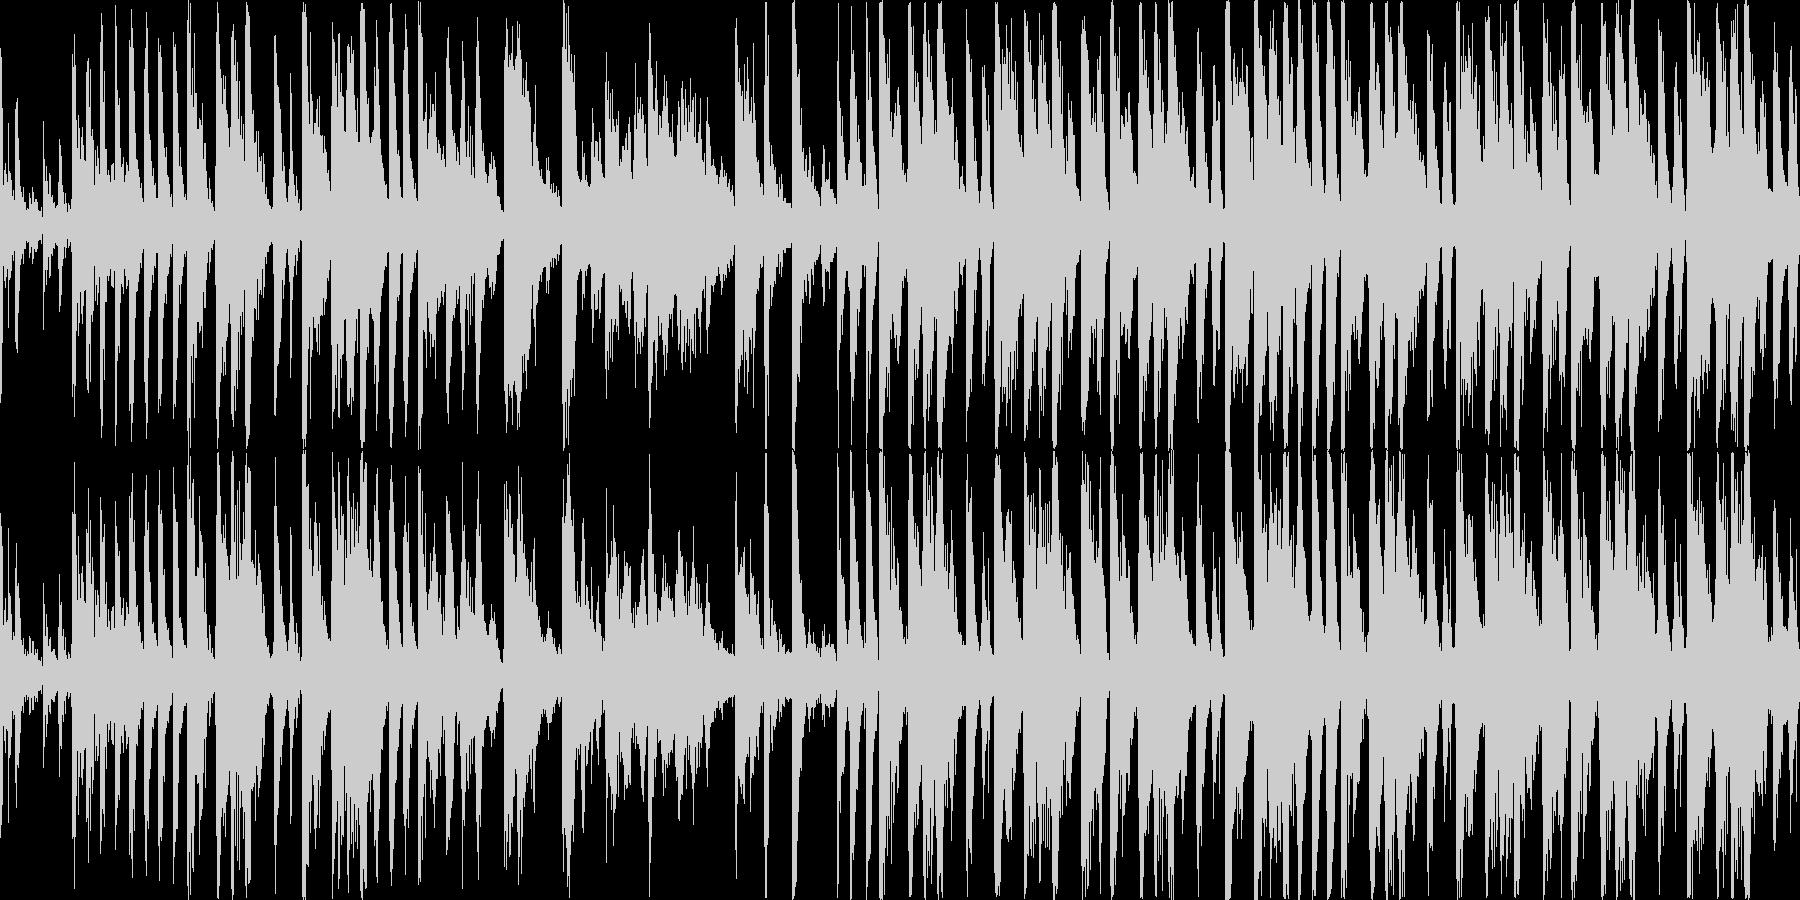 【15秒】ファンキーなブレイクビーツの未再生の波形